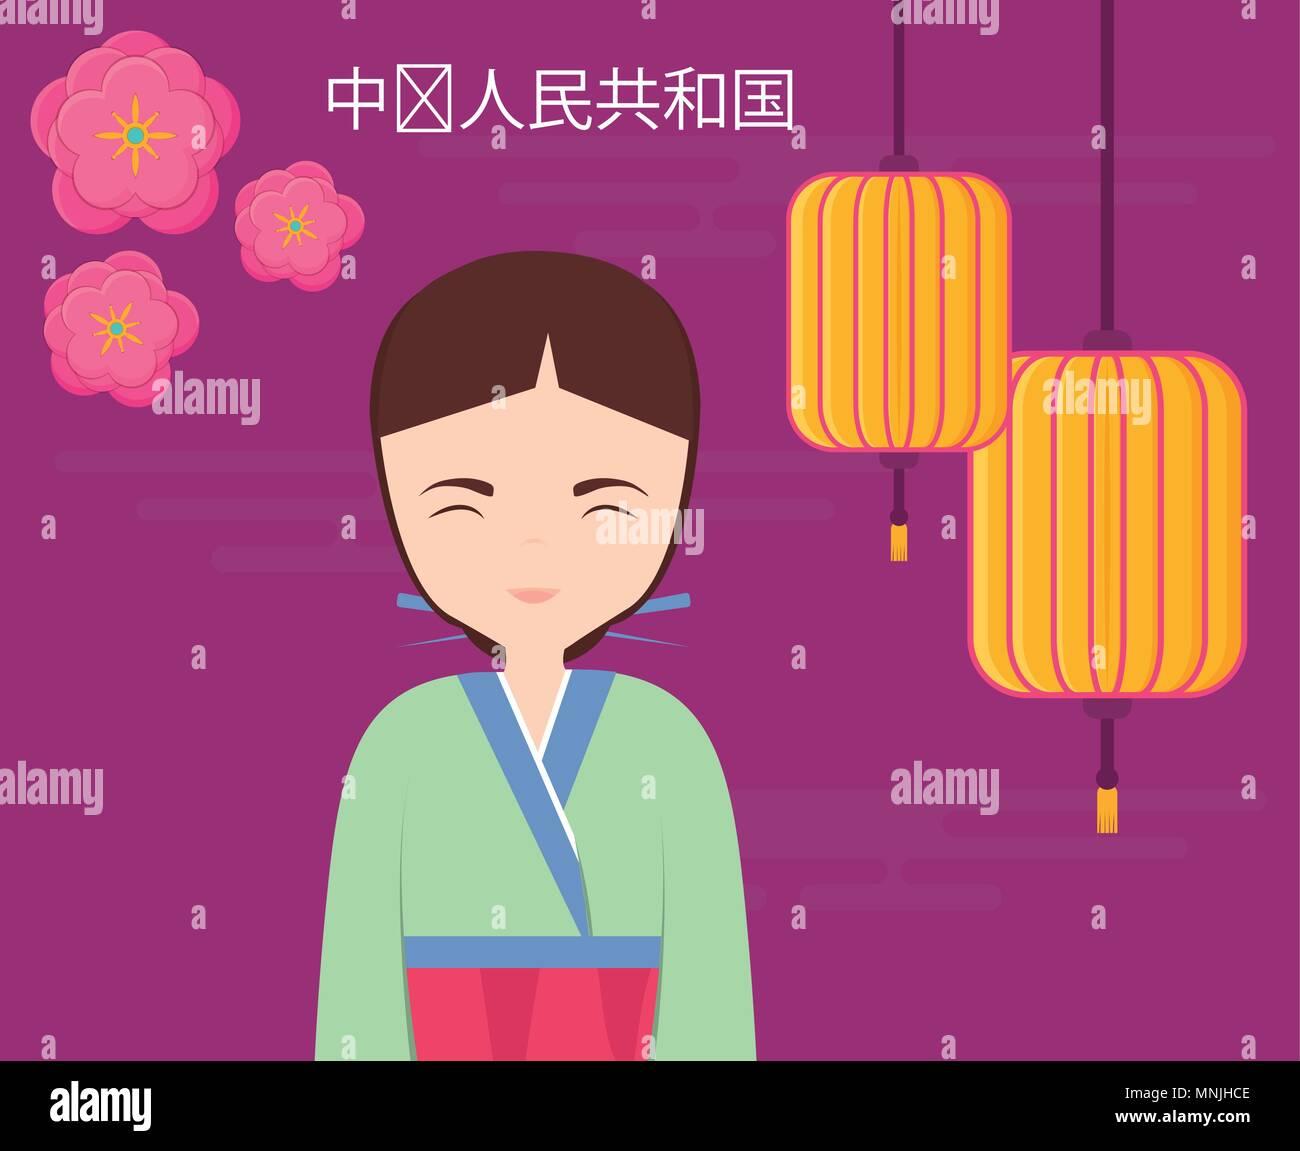 Was wissen, wenn man ein chinesisches Mädchen datiert